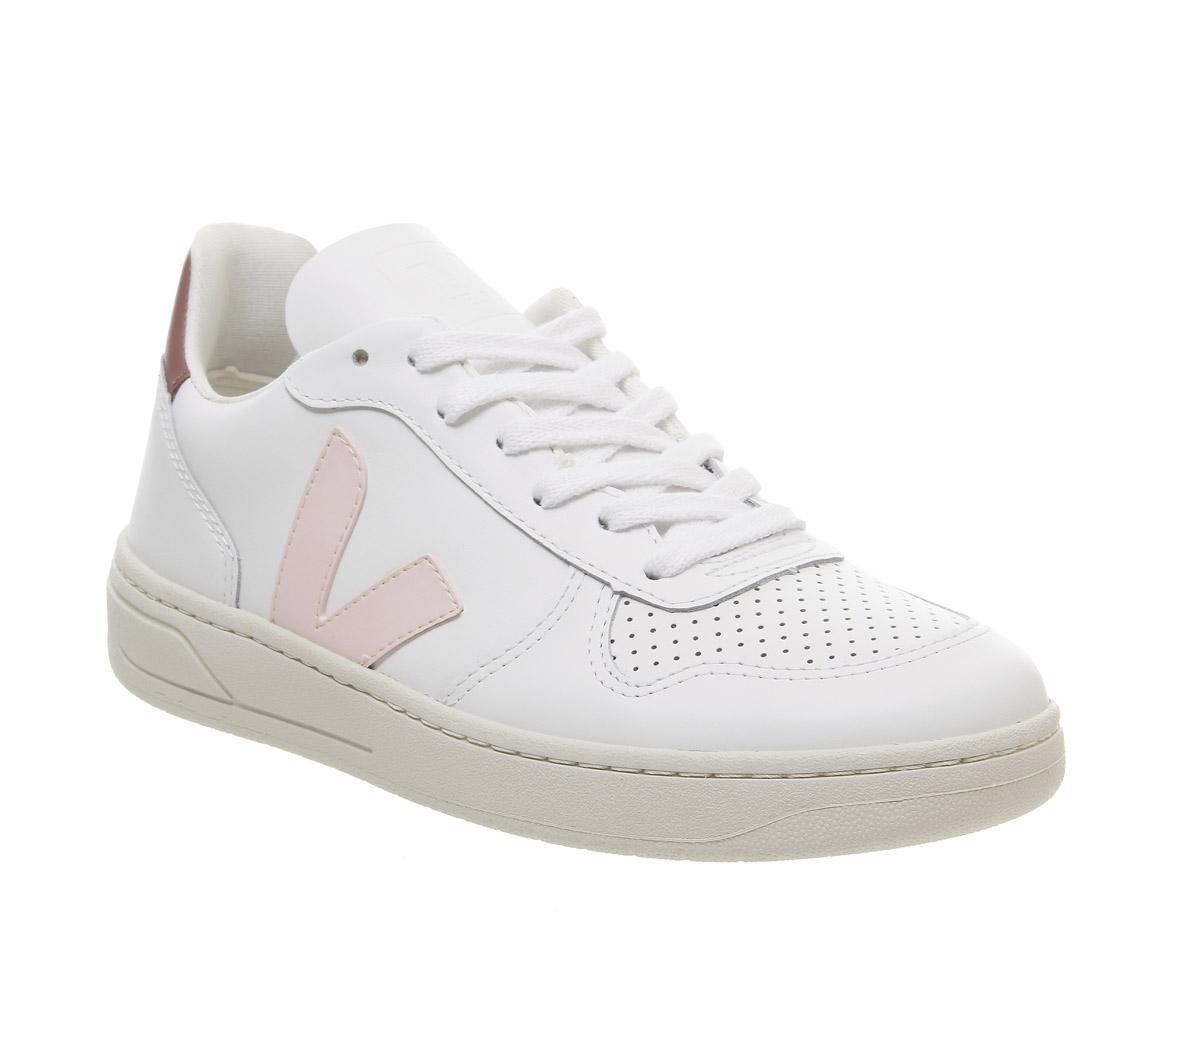 Veja V-10 Trainers White Petal Pink F